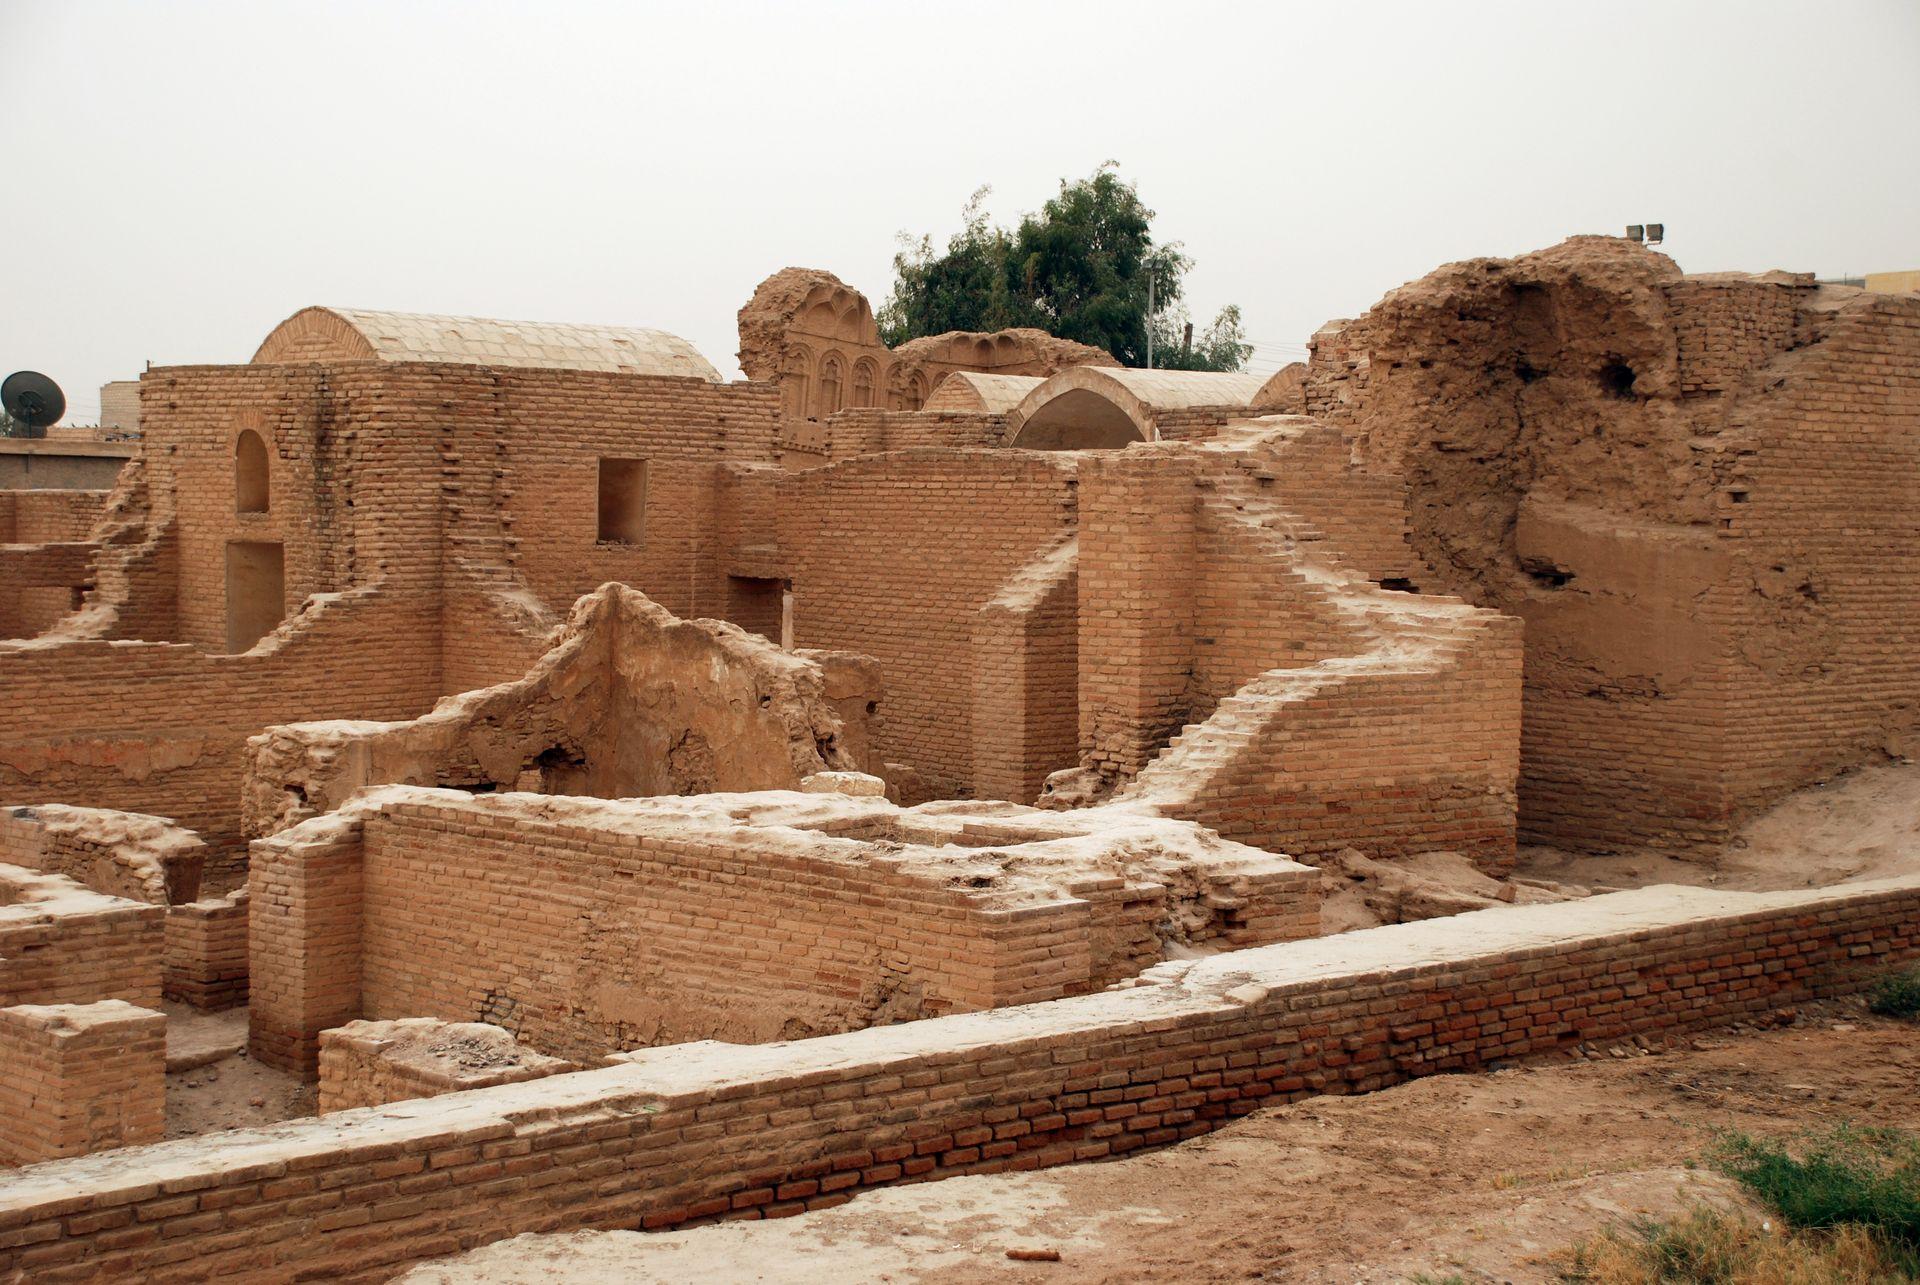 Ruins of Qasr al-Banat, Rakka, Syria